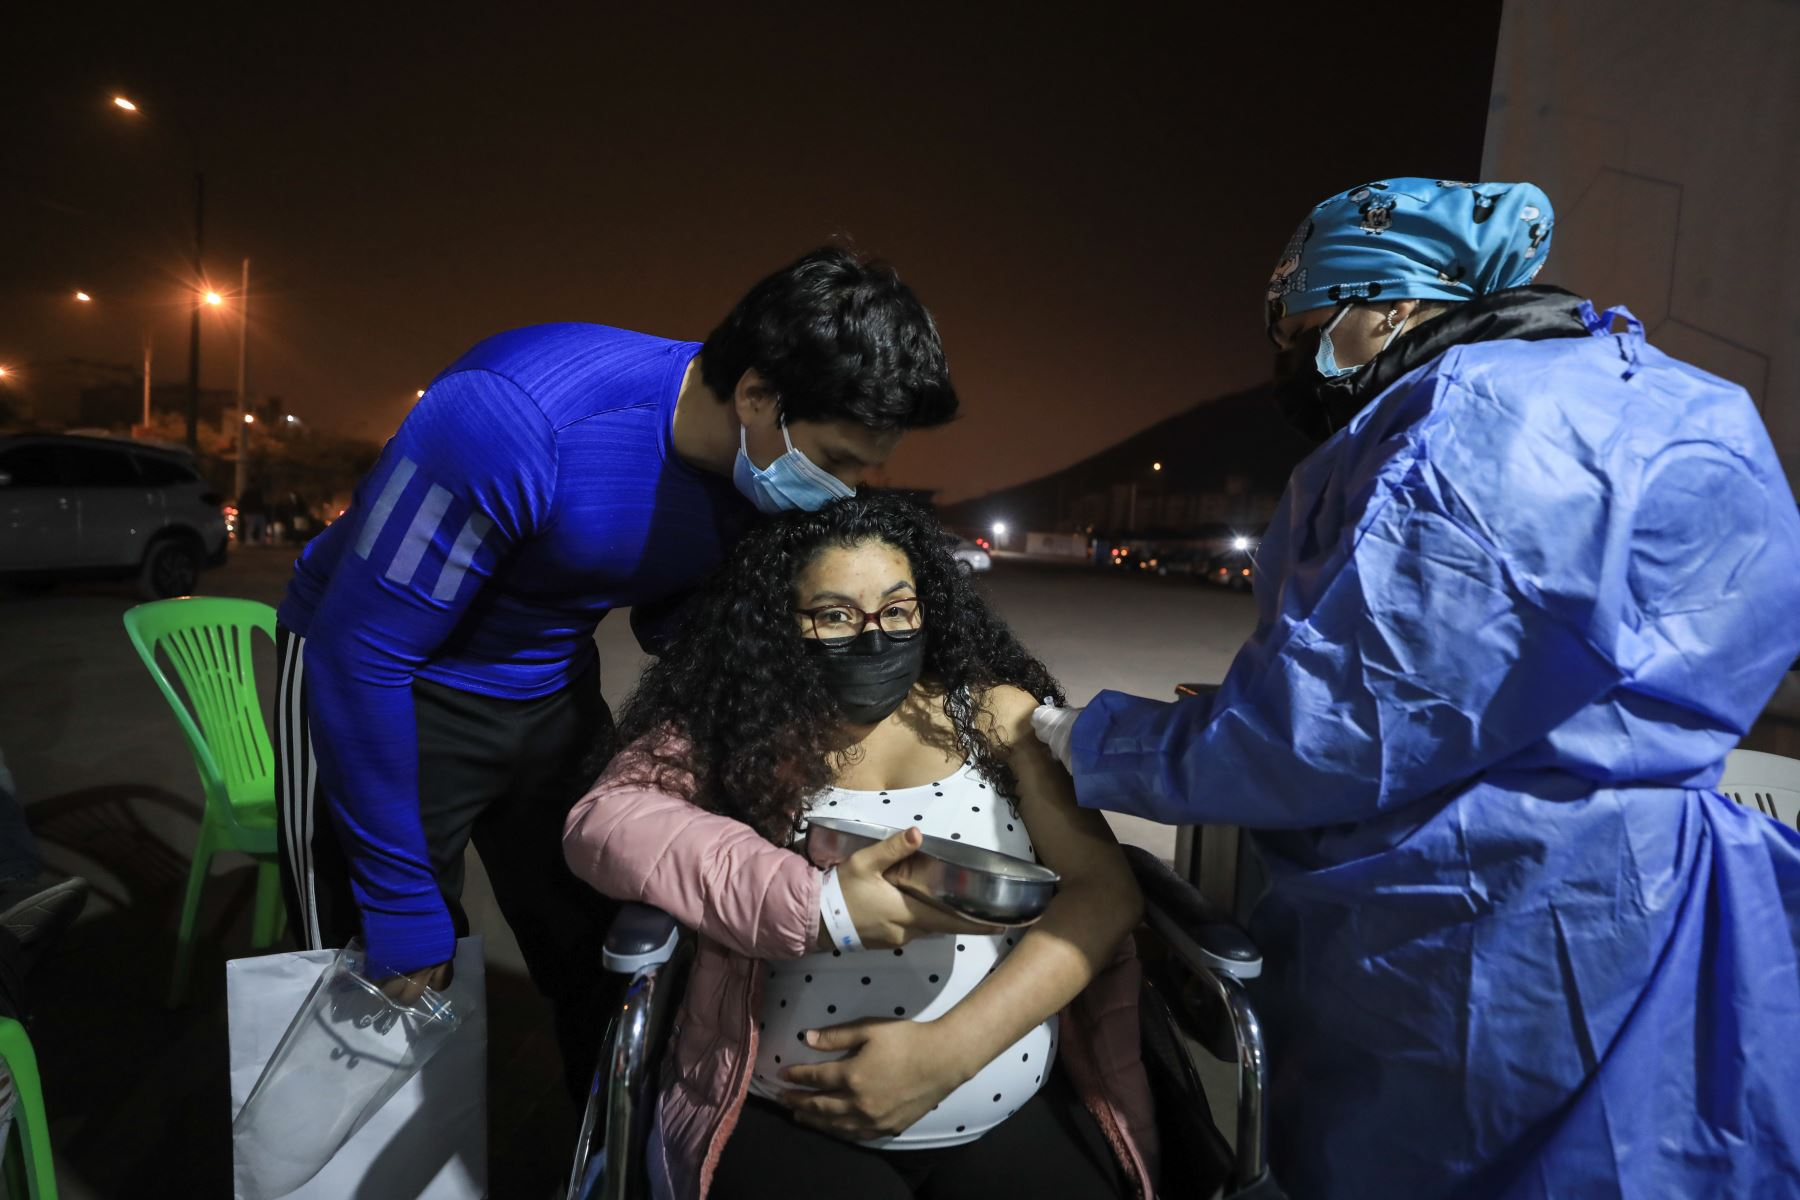 El tercer Vacunatón, que se desarrolló hasta las 7 de la noche de hoy domingo 25 de julio, logró aplicar 305,301 dosis de la vacuna contra el covid-19 en los 22 locales habilitados en Lima y Callao. Foto: ANDINA/Essalud